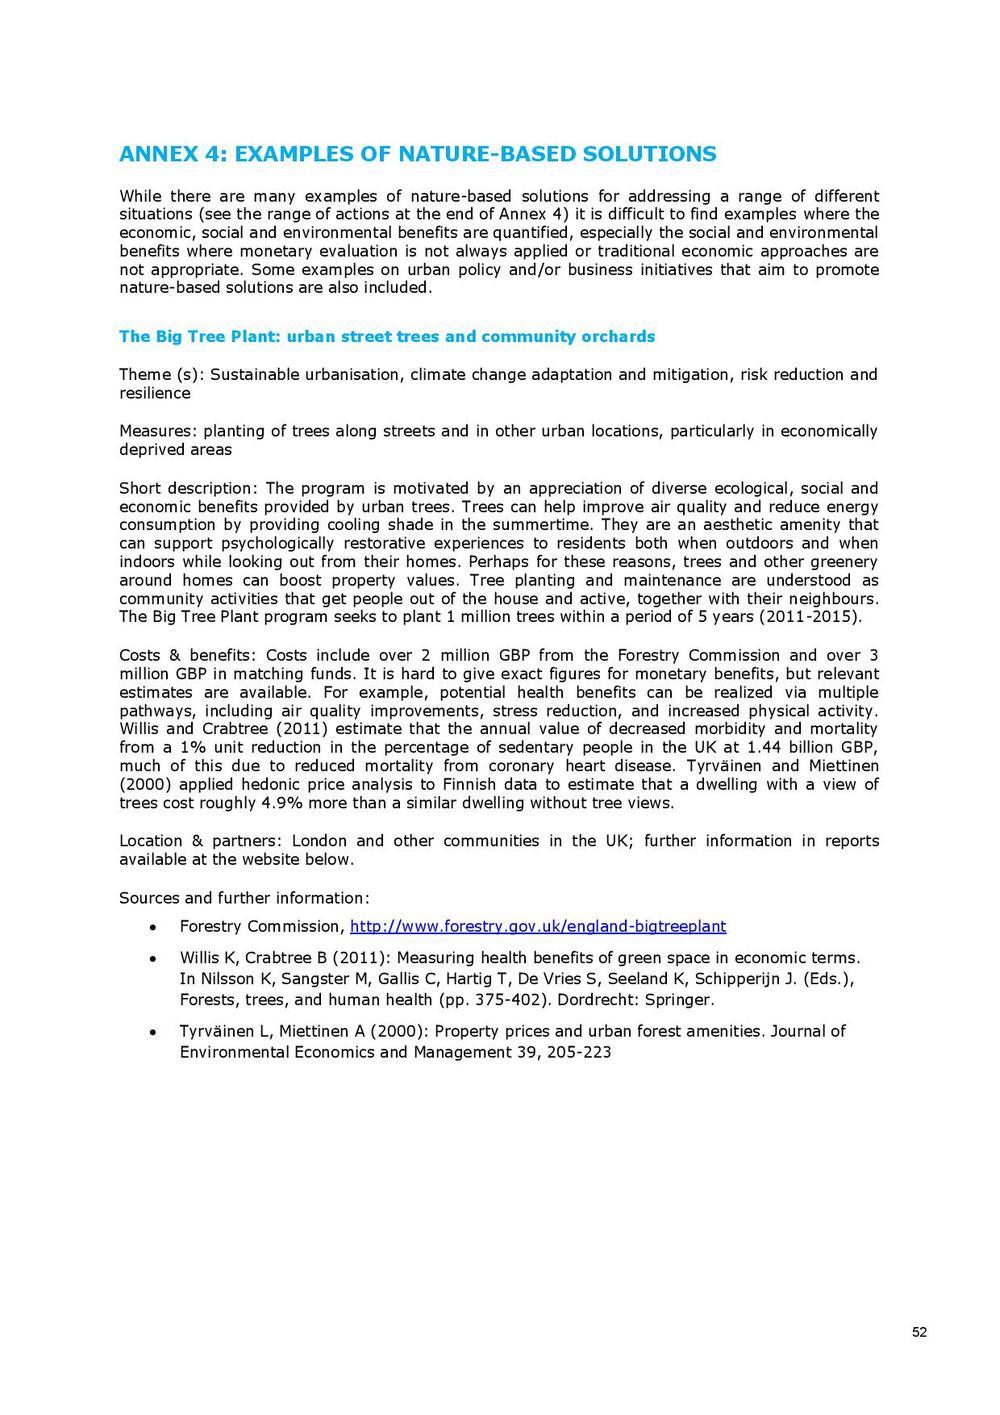 DG RTD_WEB-Publication A4_NBS_long_version_20150310-page-054.jpg